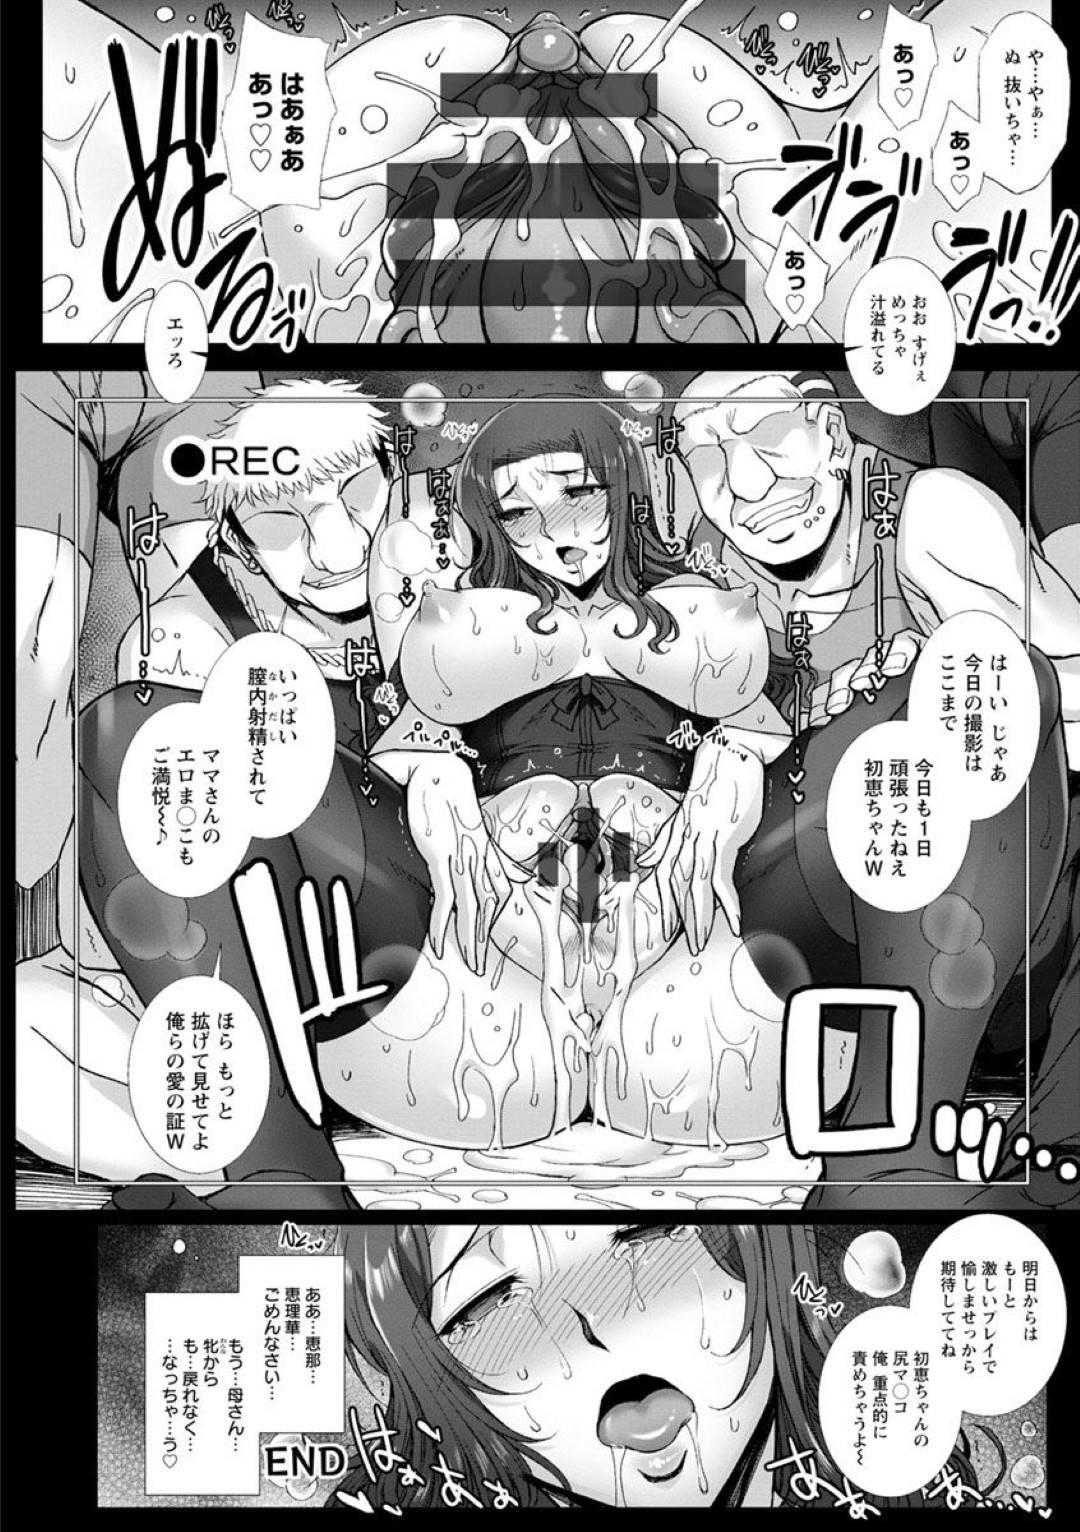 【親子丼調教エロ漫画】姉妹は実家に連れて行かれると、母親が先輩達にとって調教されいた。母娘は先輩達に種付けセックスで犯され雌奴隷に堕とされる【B-RIVER】